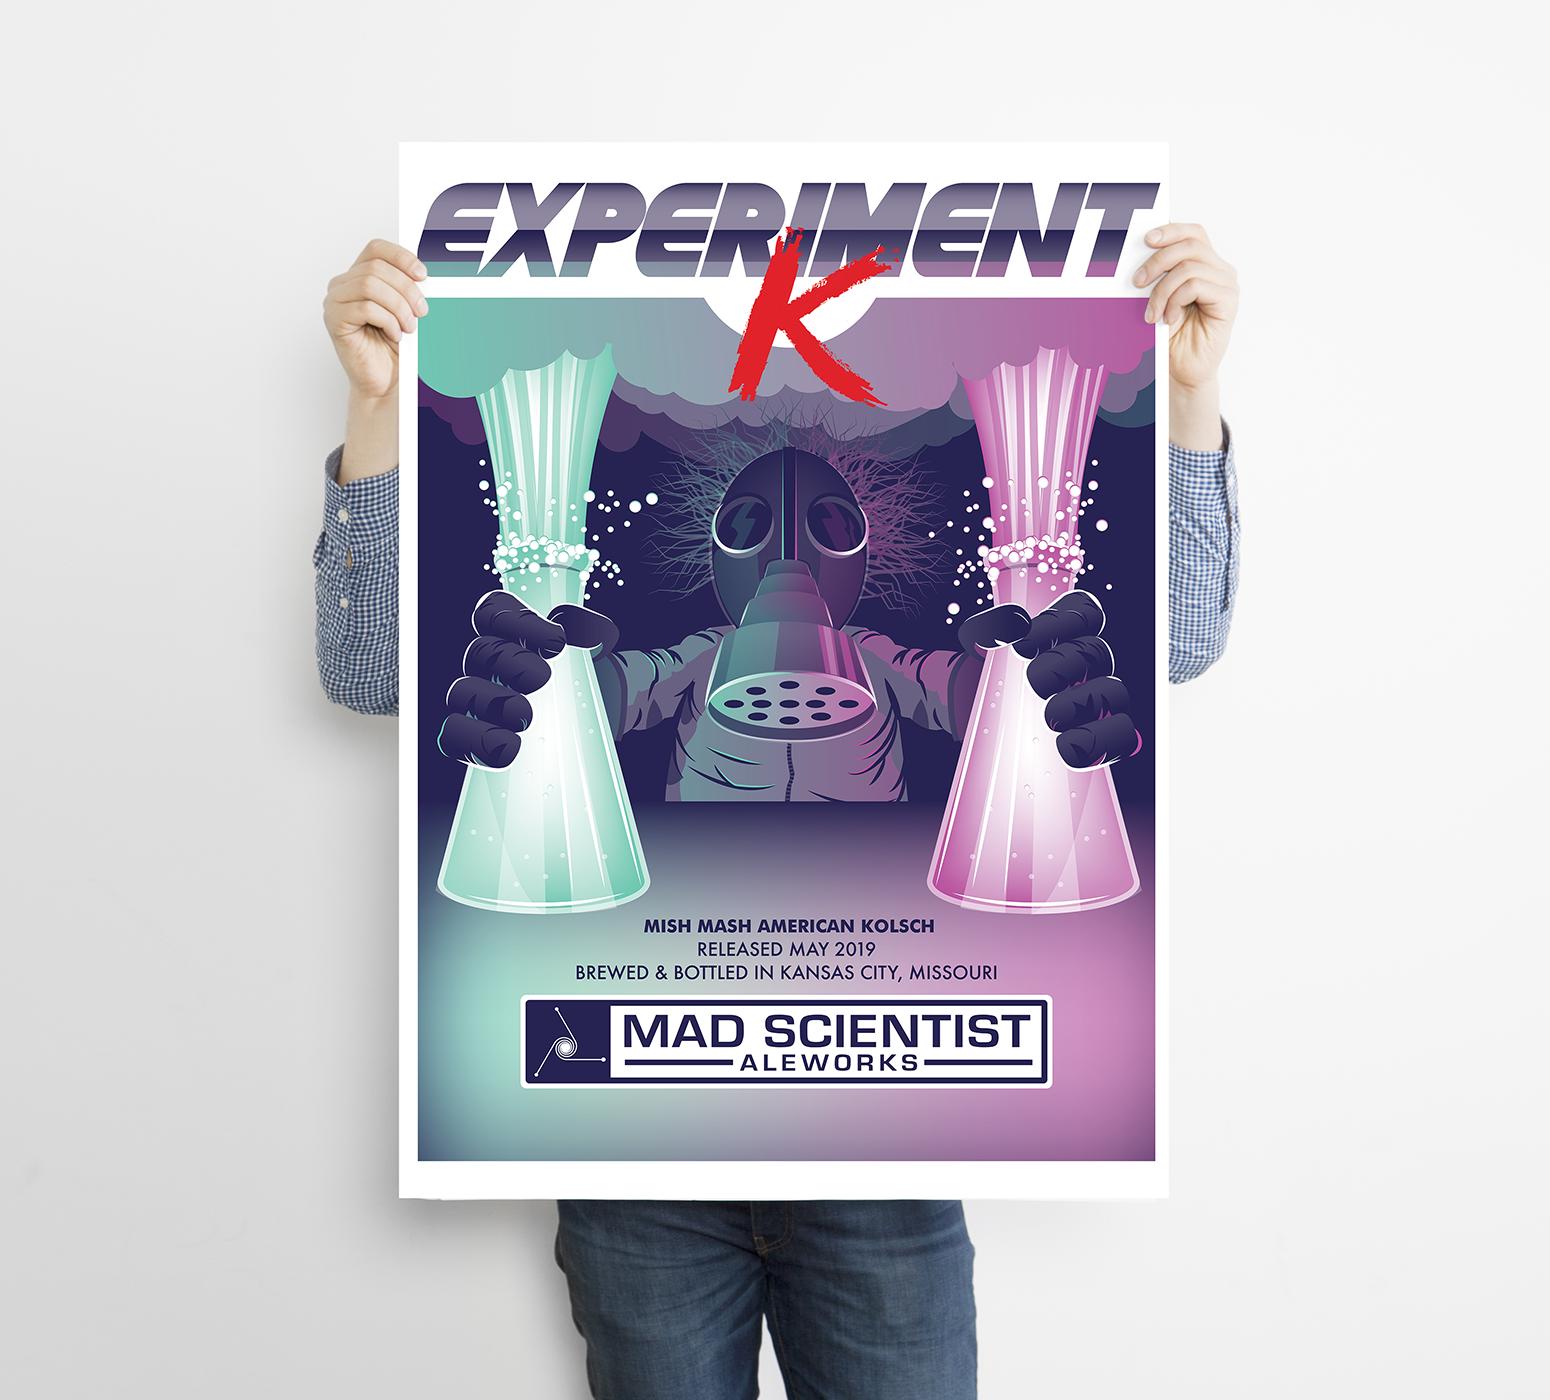 beer--brewery-branding-poster-experiment-kyle-dolan-design-illustration-mock-02.png